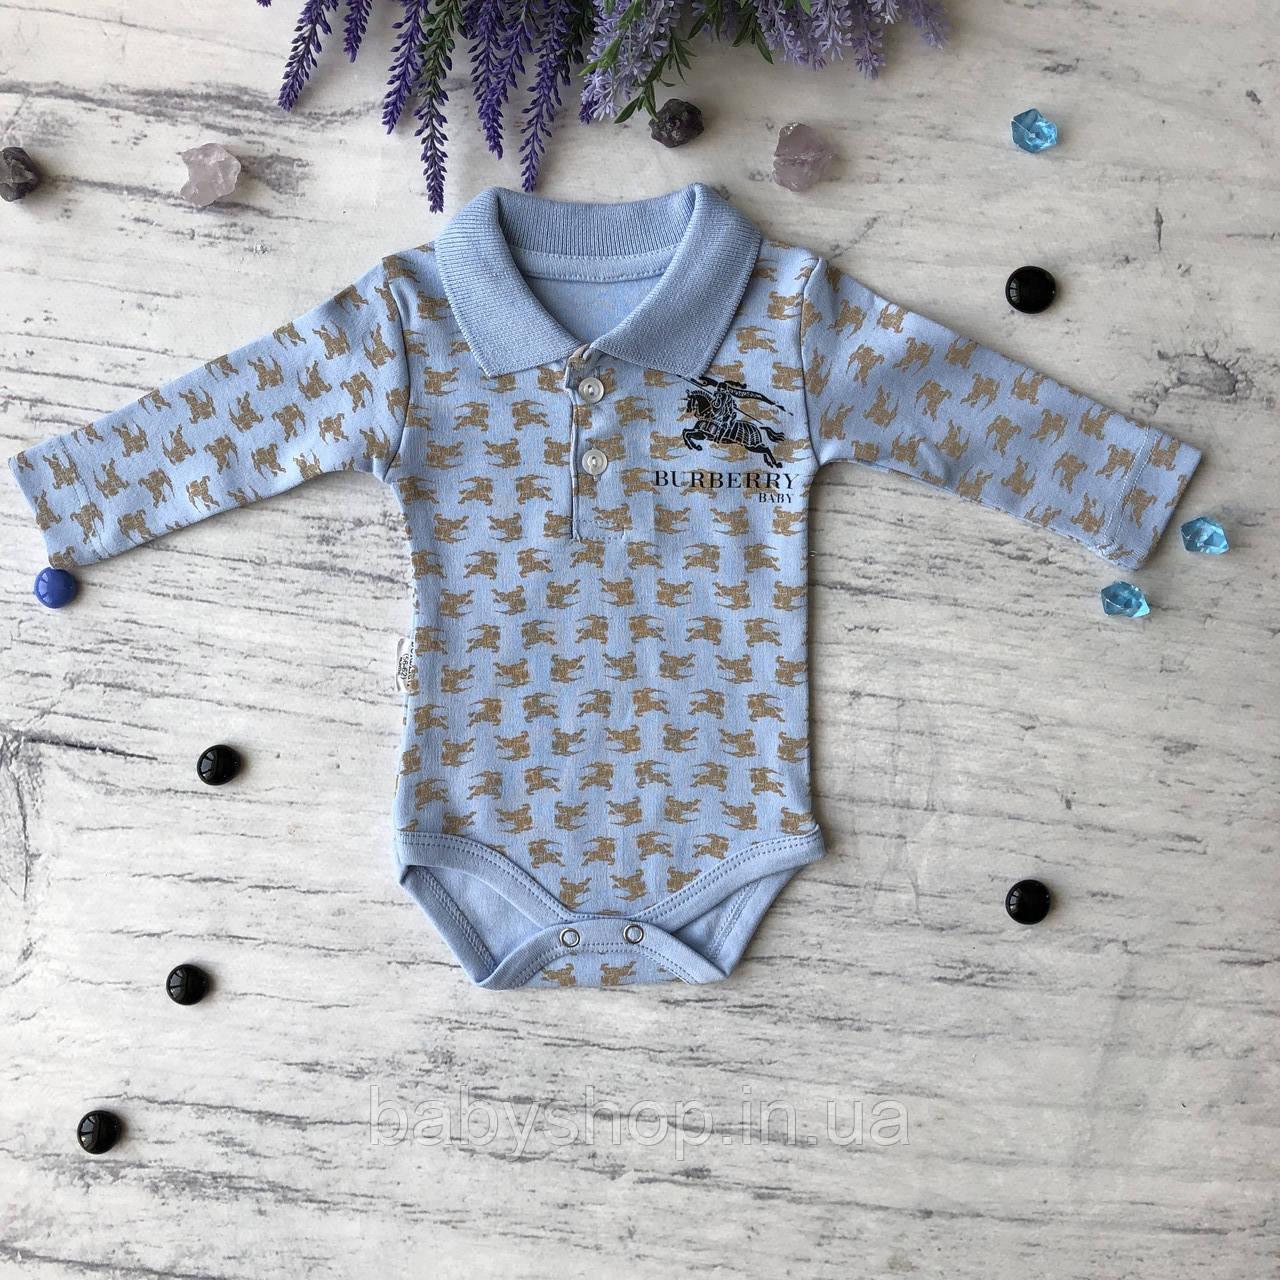 Голубой боди для мальчика в стиле Burberry. Размеры 56 см, 62 см, 68 см